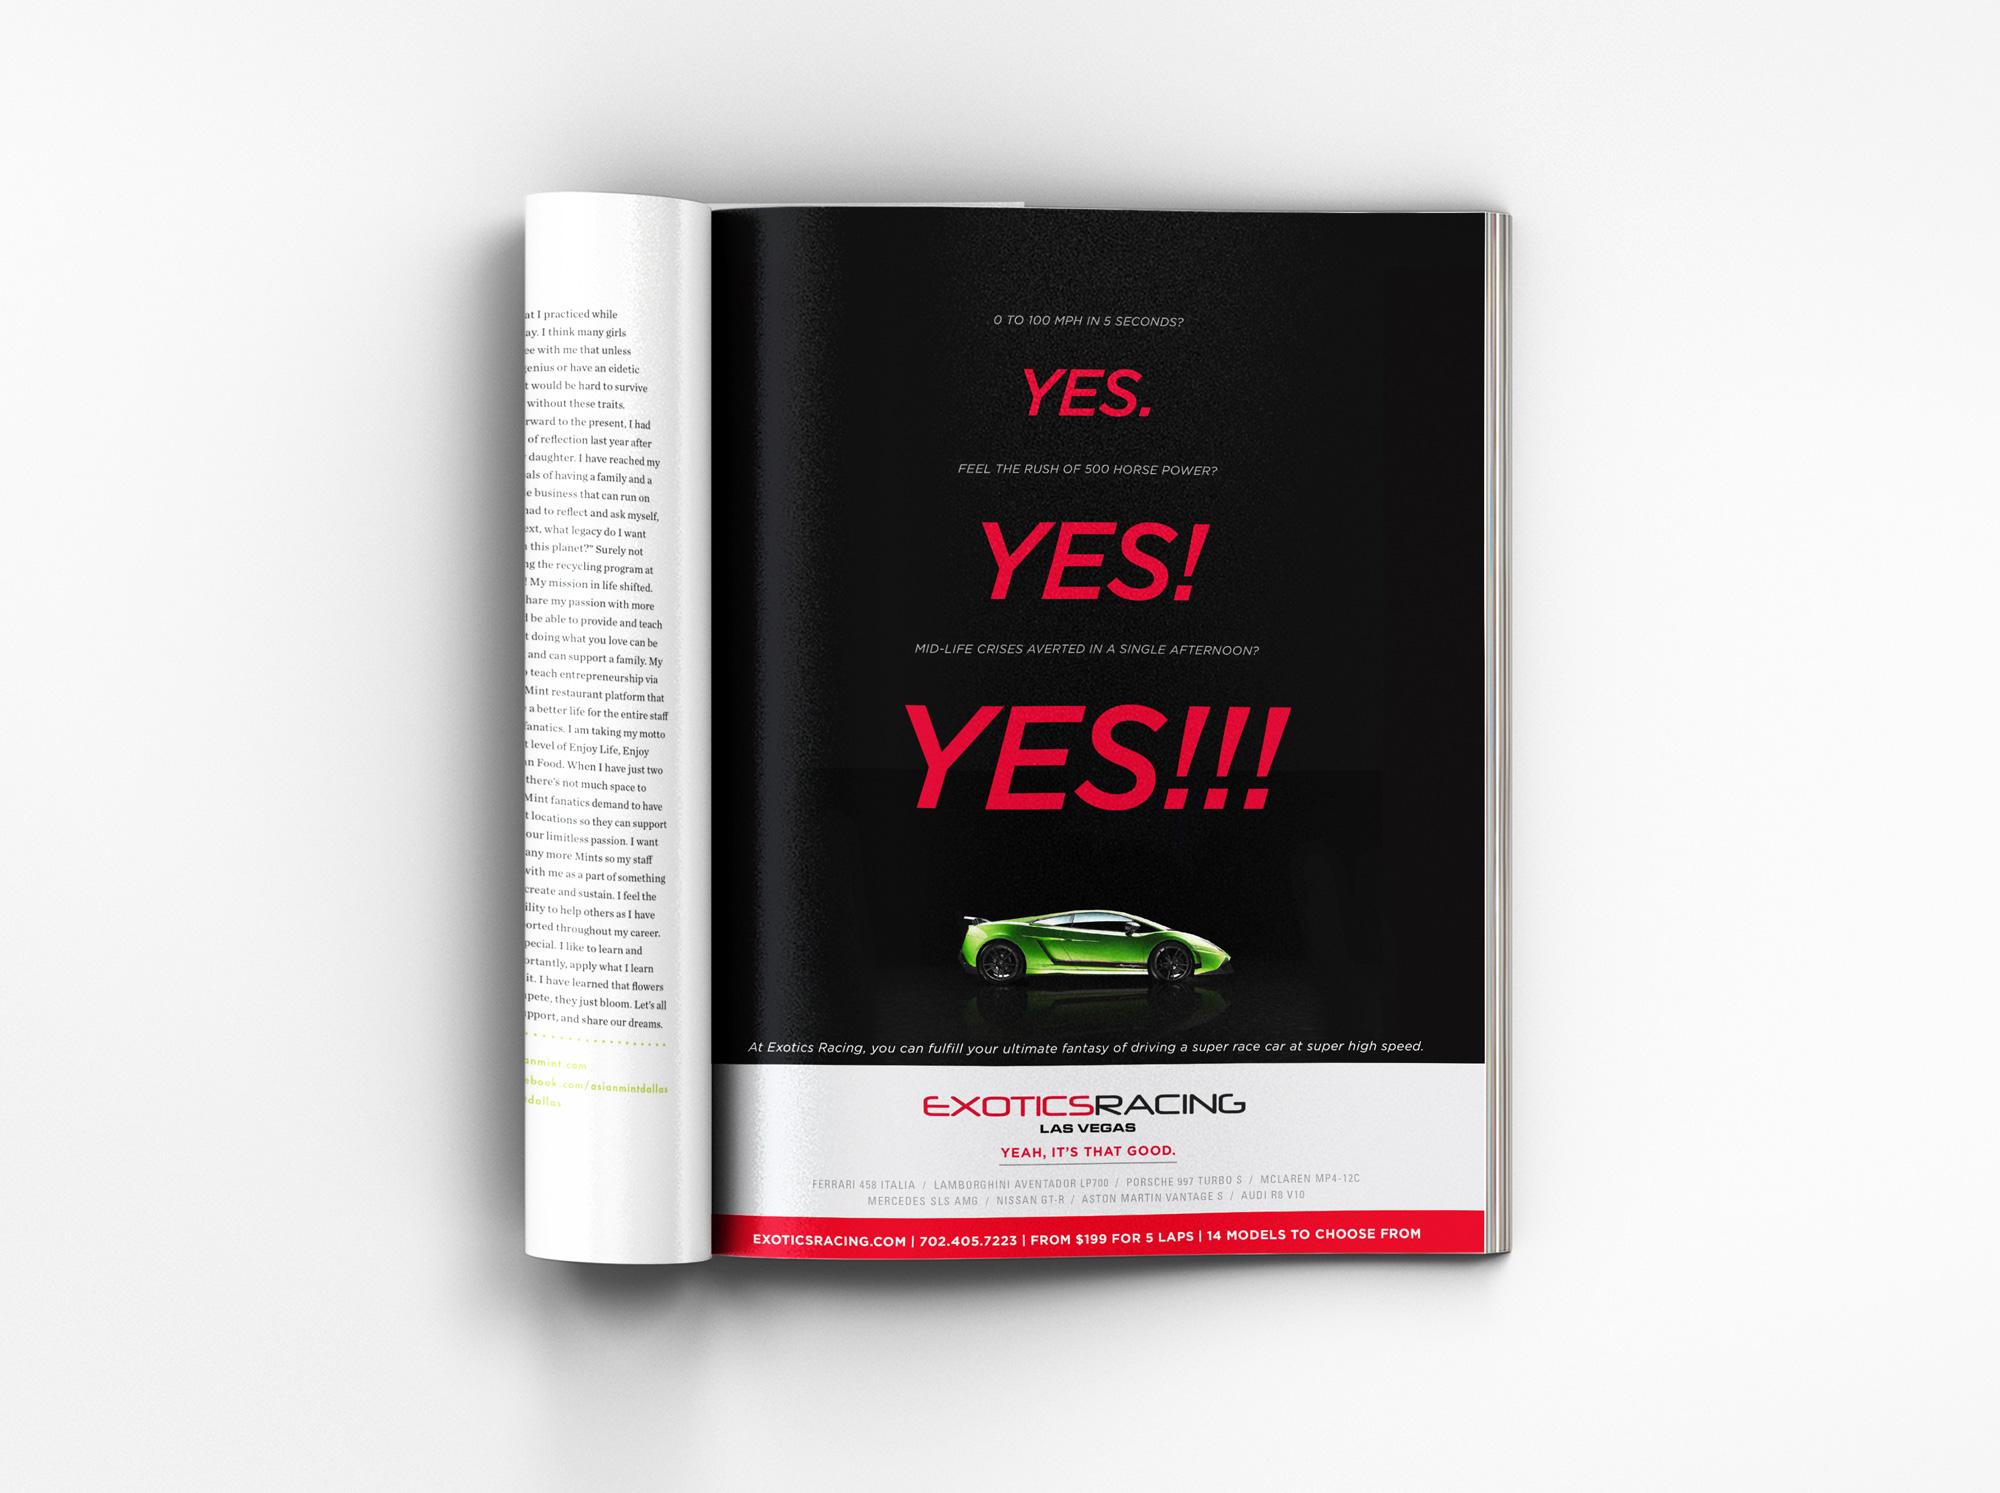 Magazine ad - yes